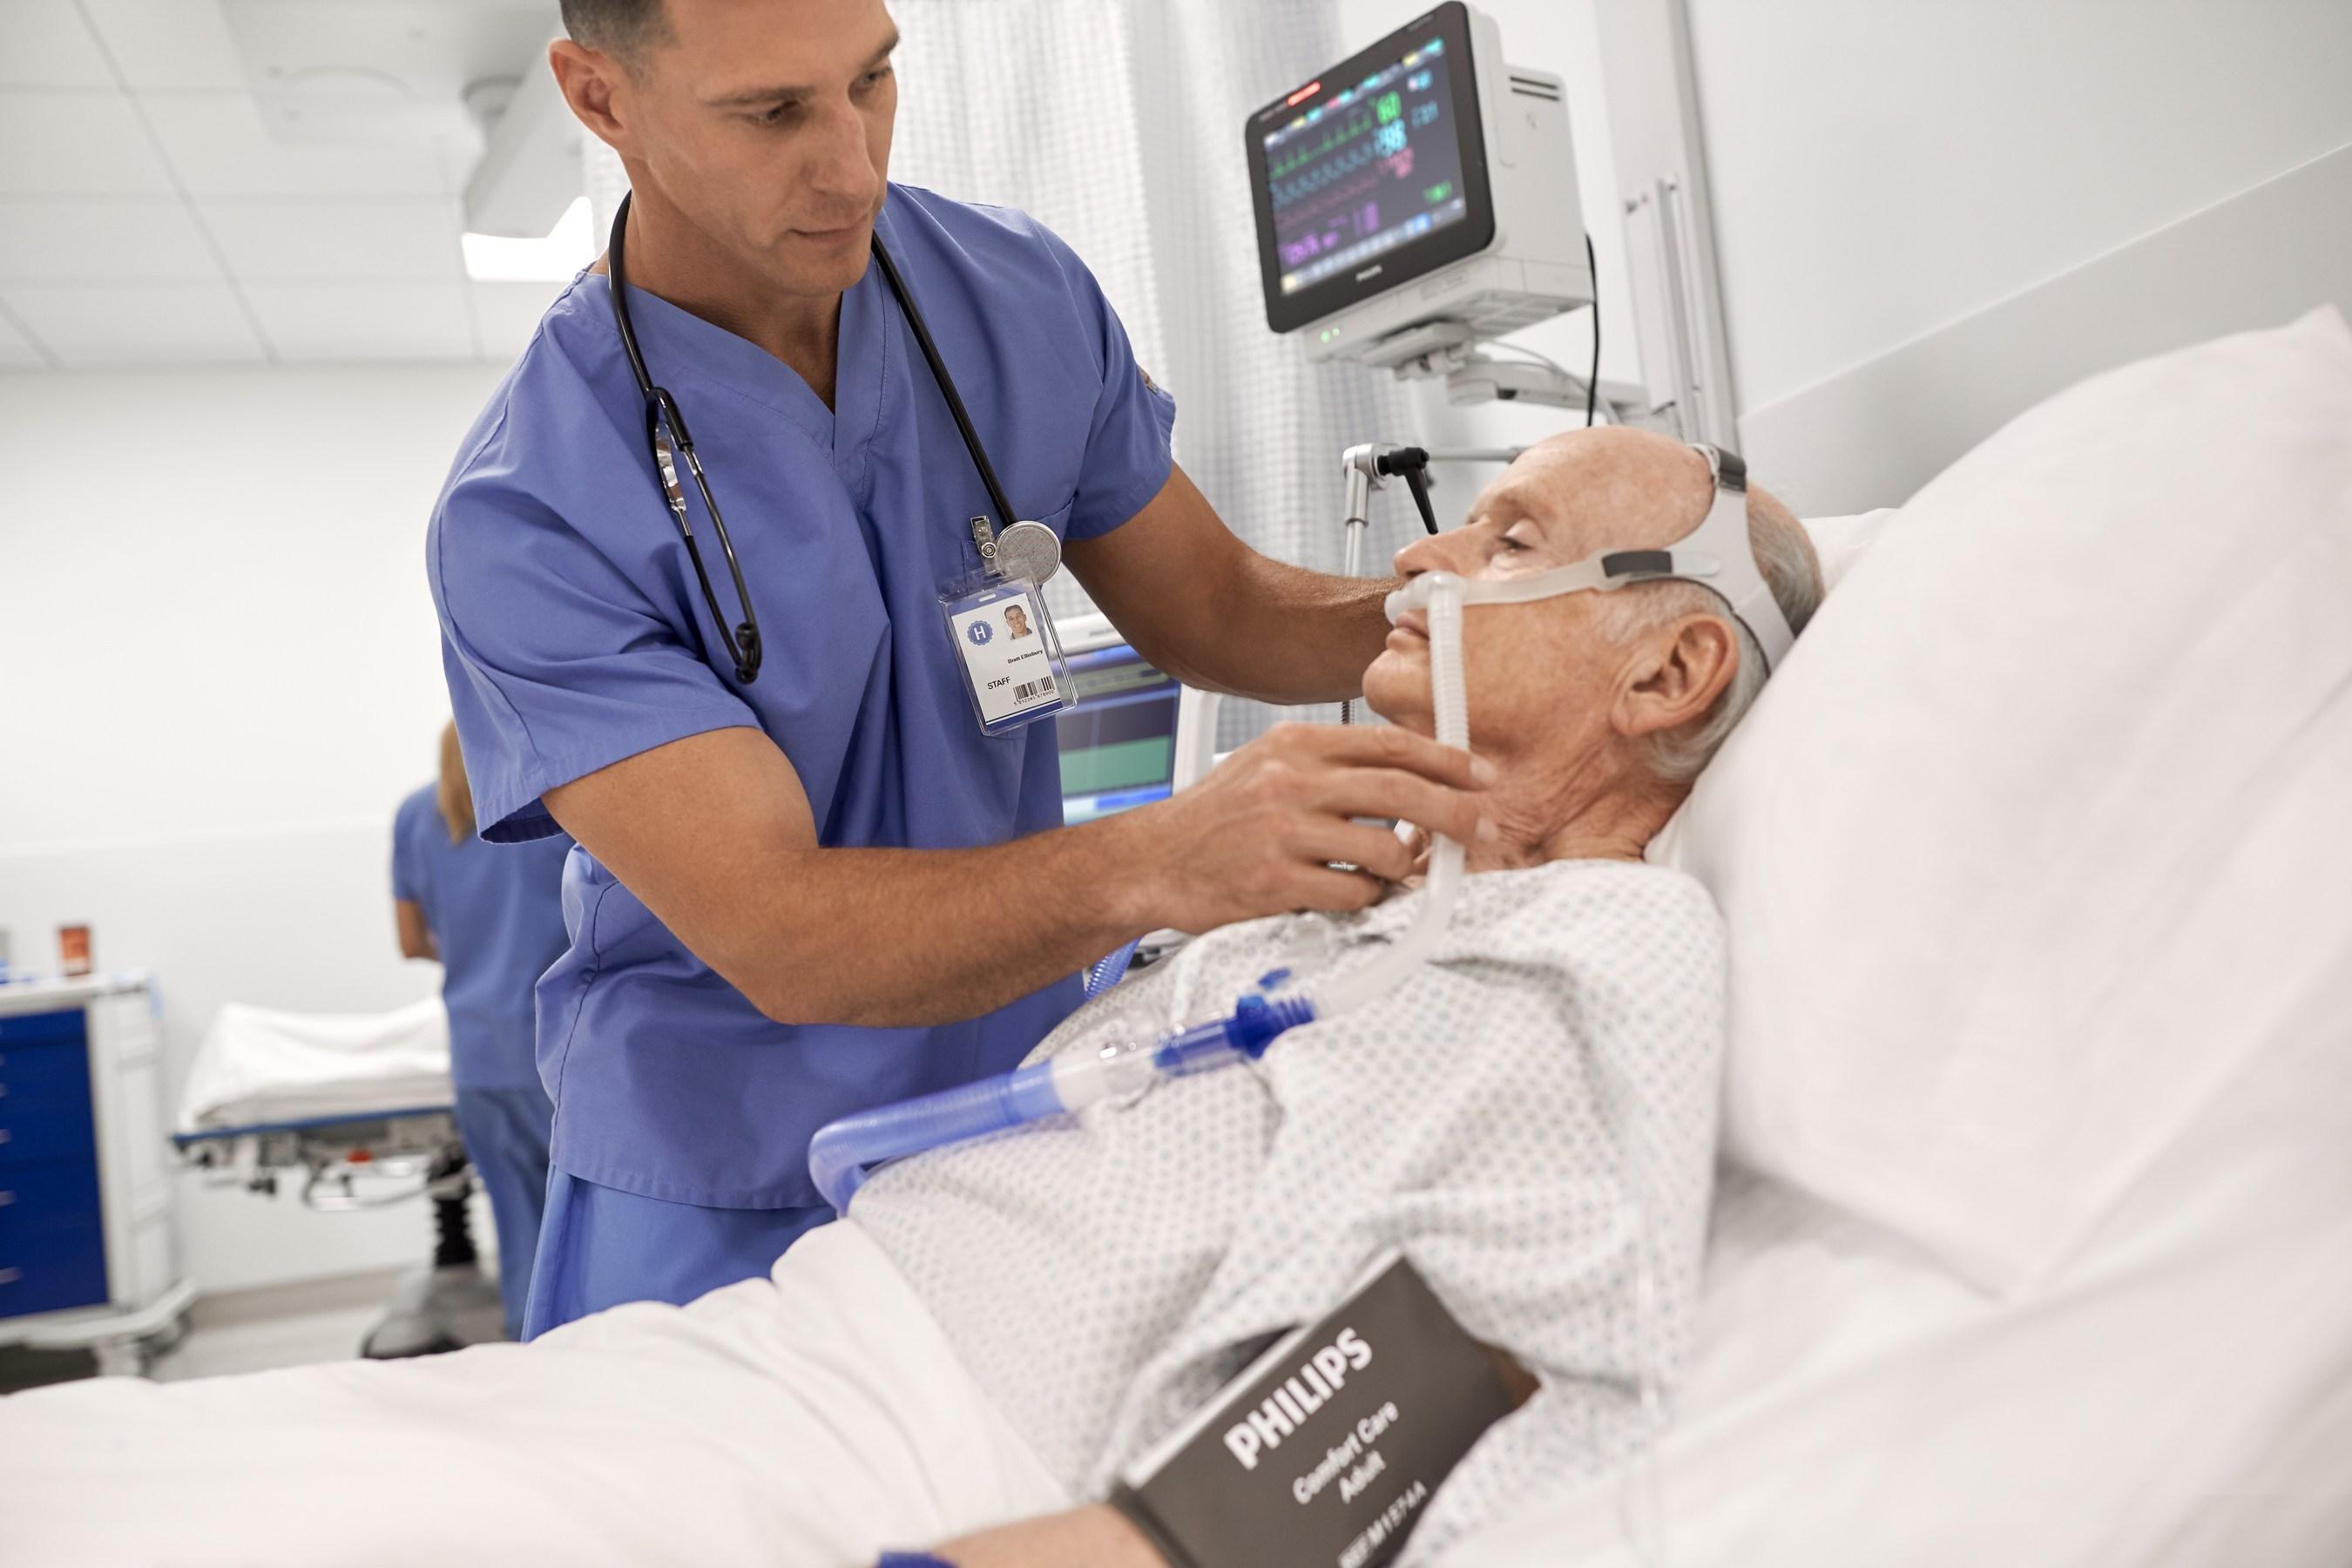 Các loại máy thở thường dùng tại bệnh viện và ở nhà